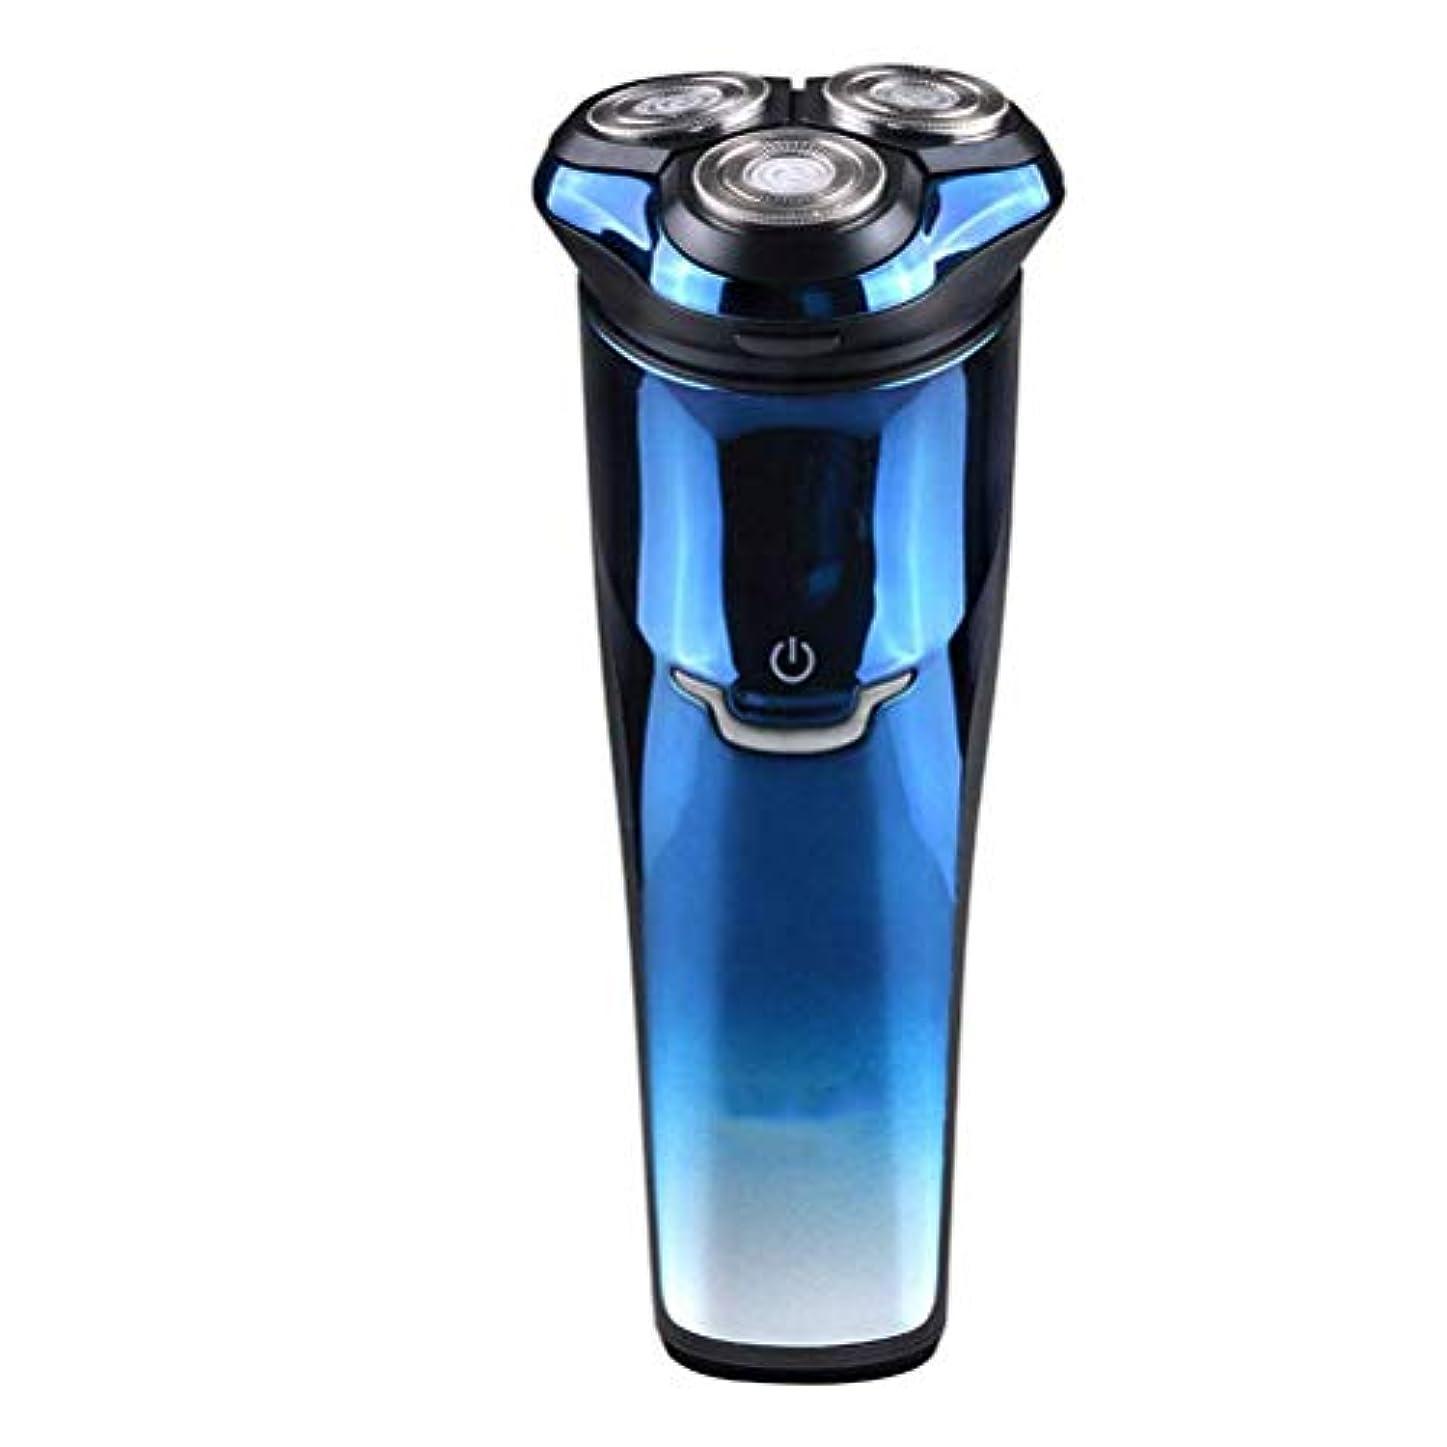 接続パリティ体現するポップアップトリマー、男性用充電式かみそり、防水コードレストリマー、インテリジェント両面フローティングを備えたウェット&ドライメンズ電気シェーバー